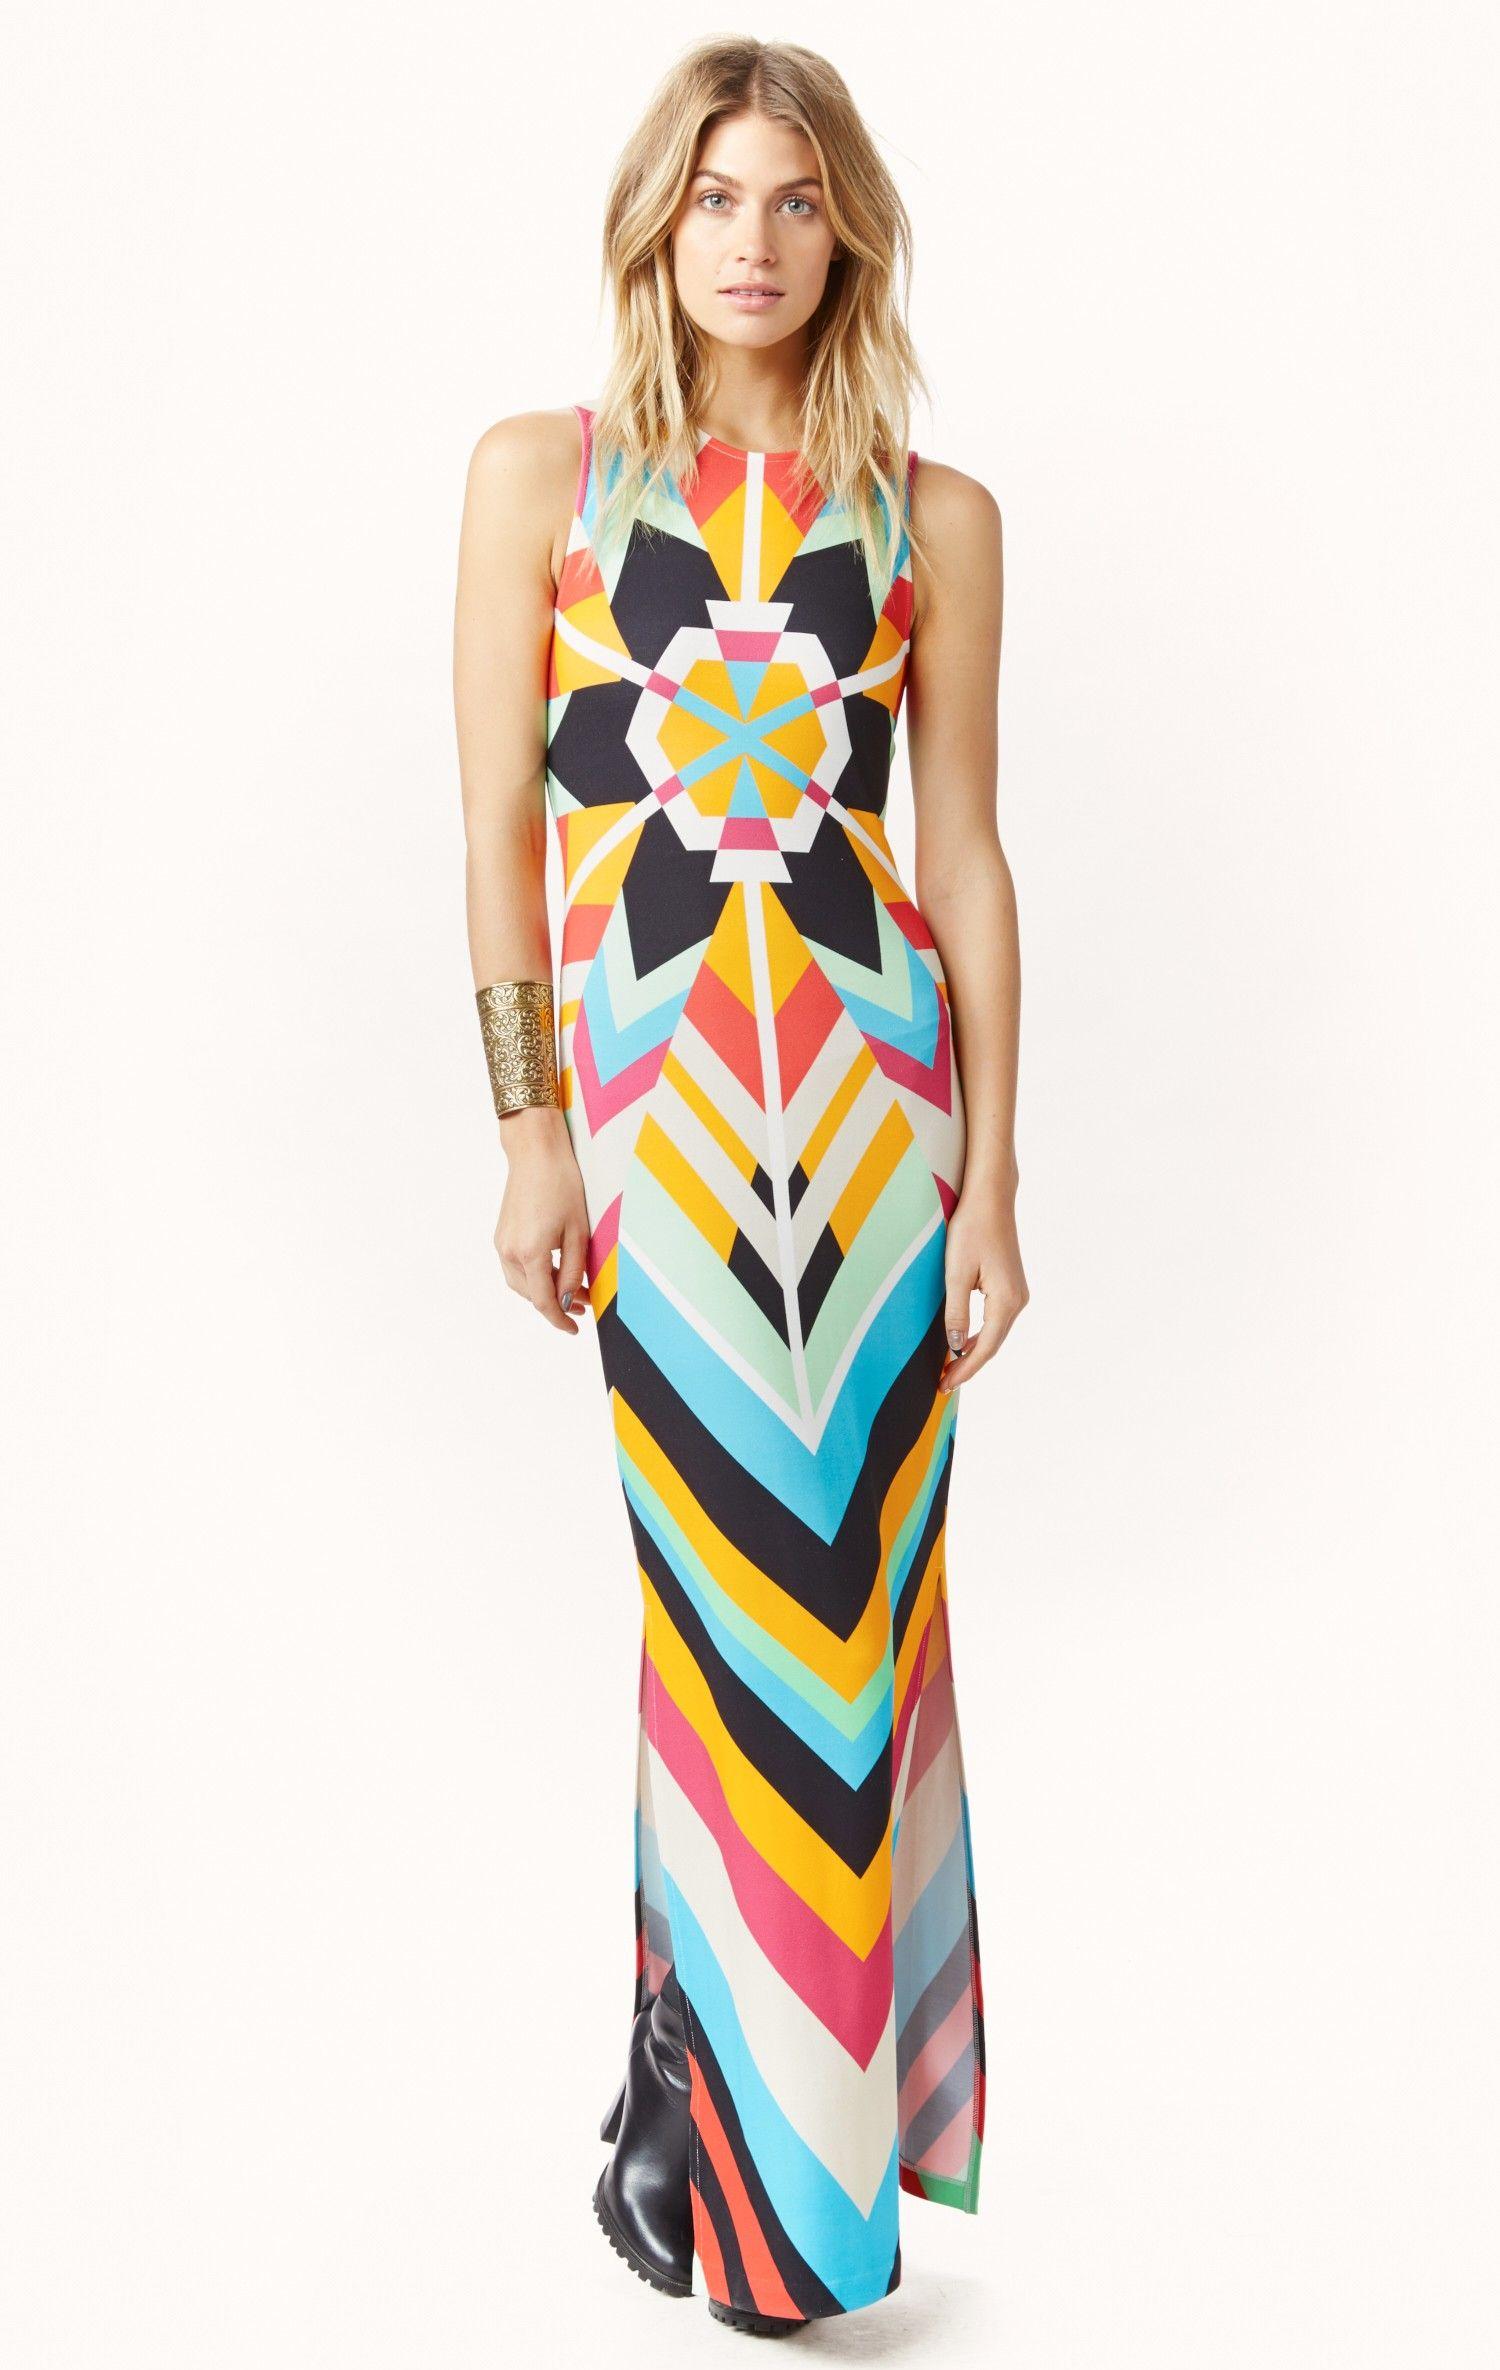 eb118feb7372 ponte maxi dress by MARA HOFFMAN  planetblue